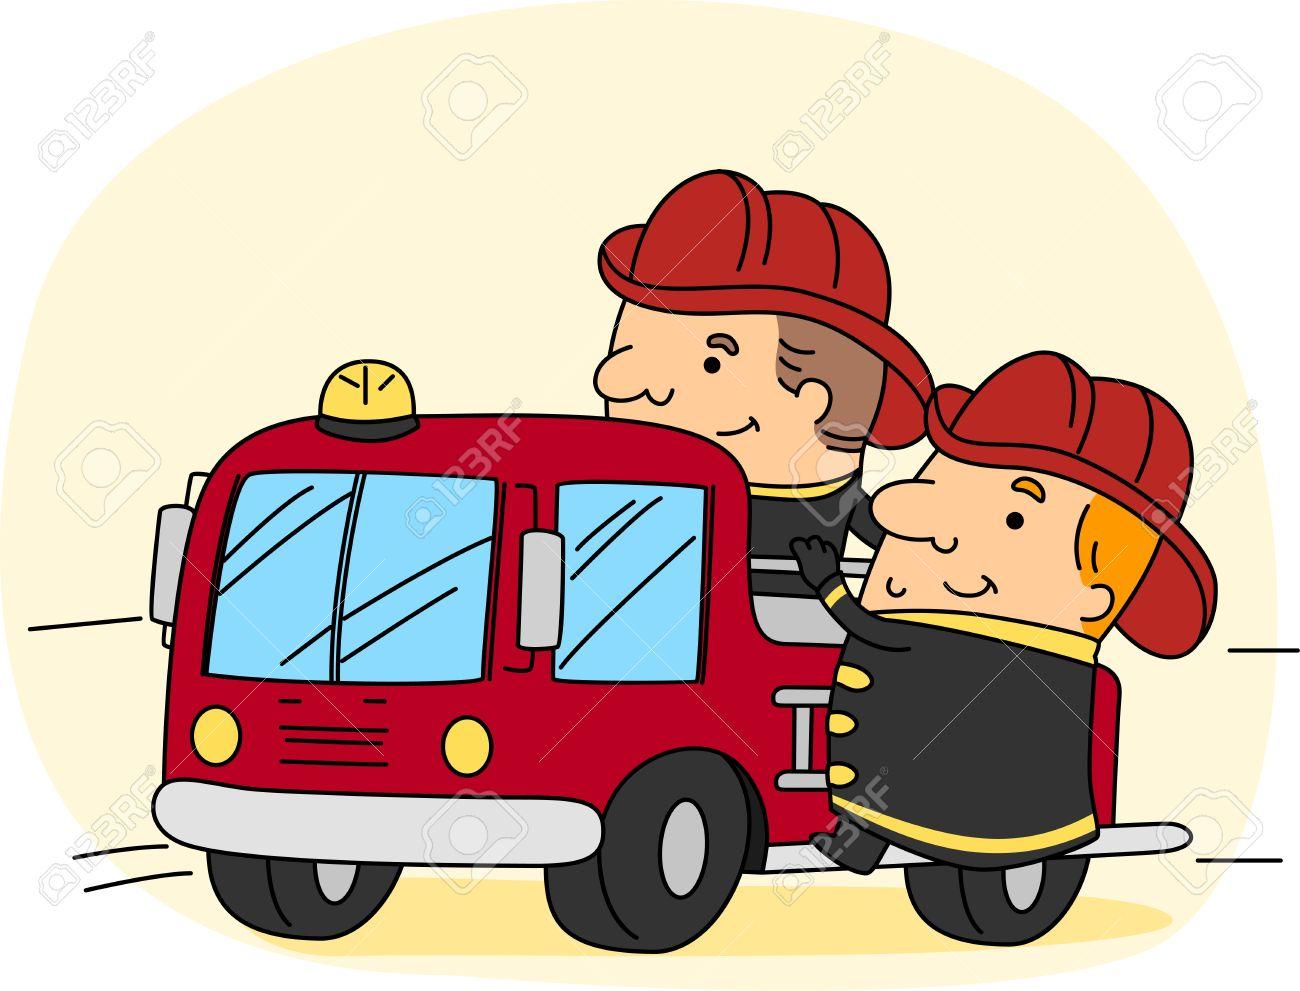 Firefighter Work Clipart.